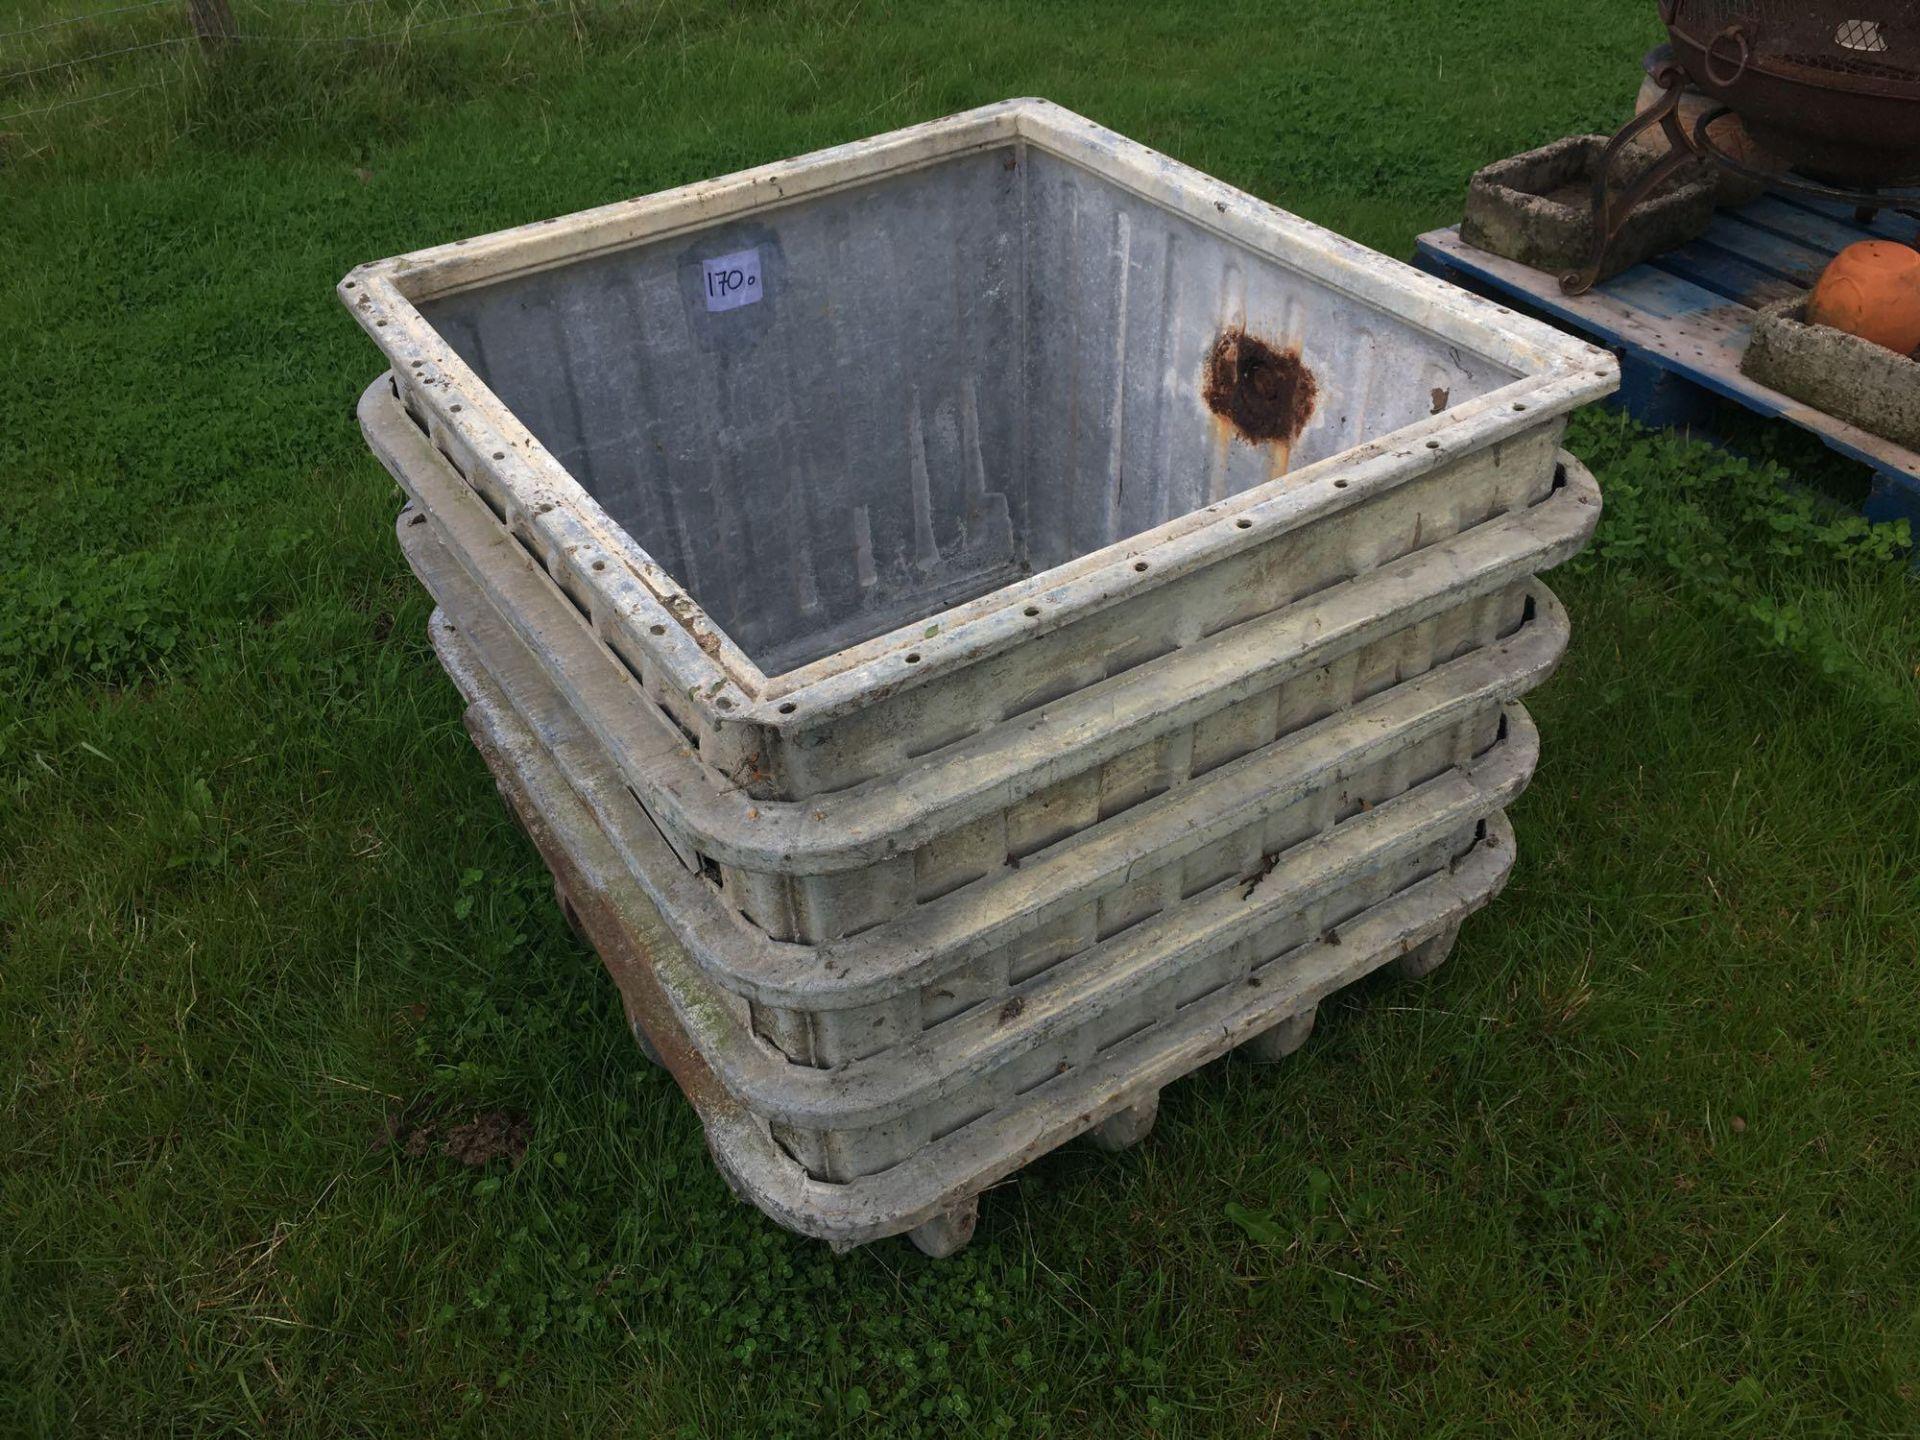 Lot 170o - Metal bin